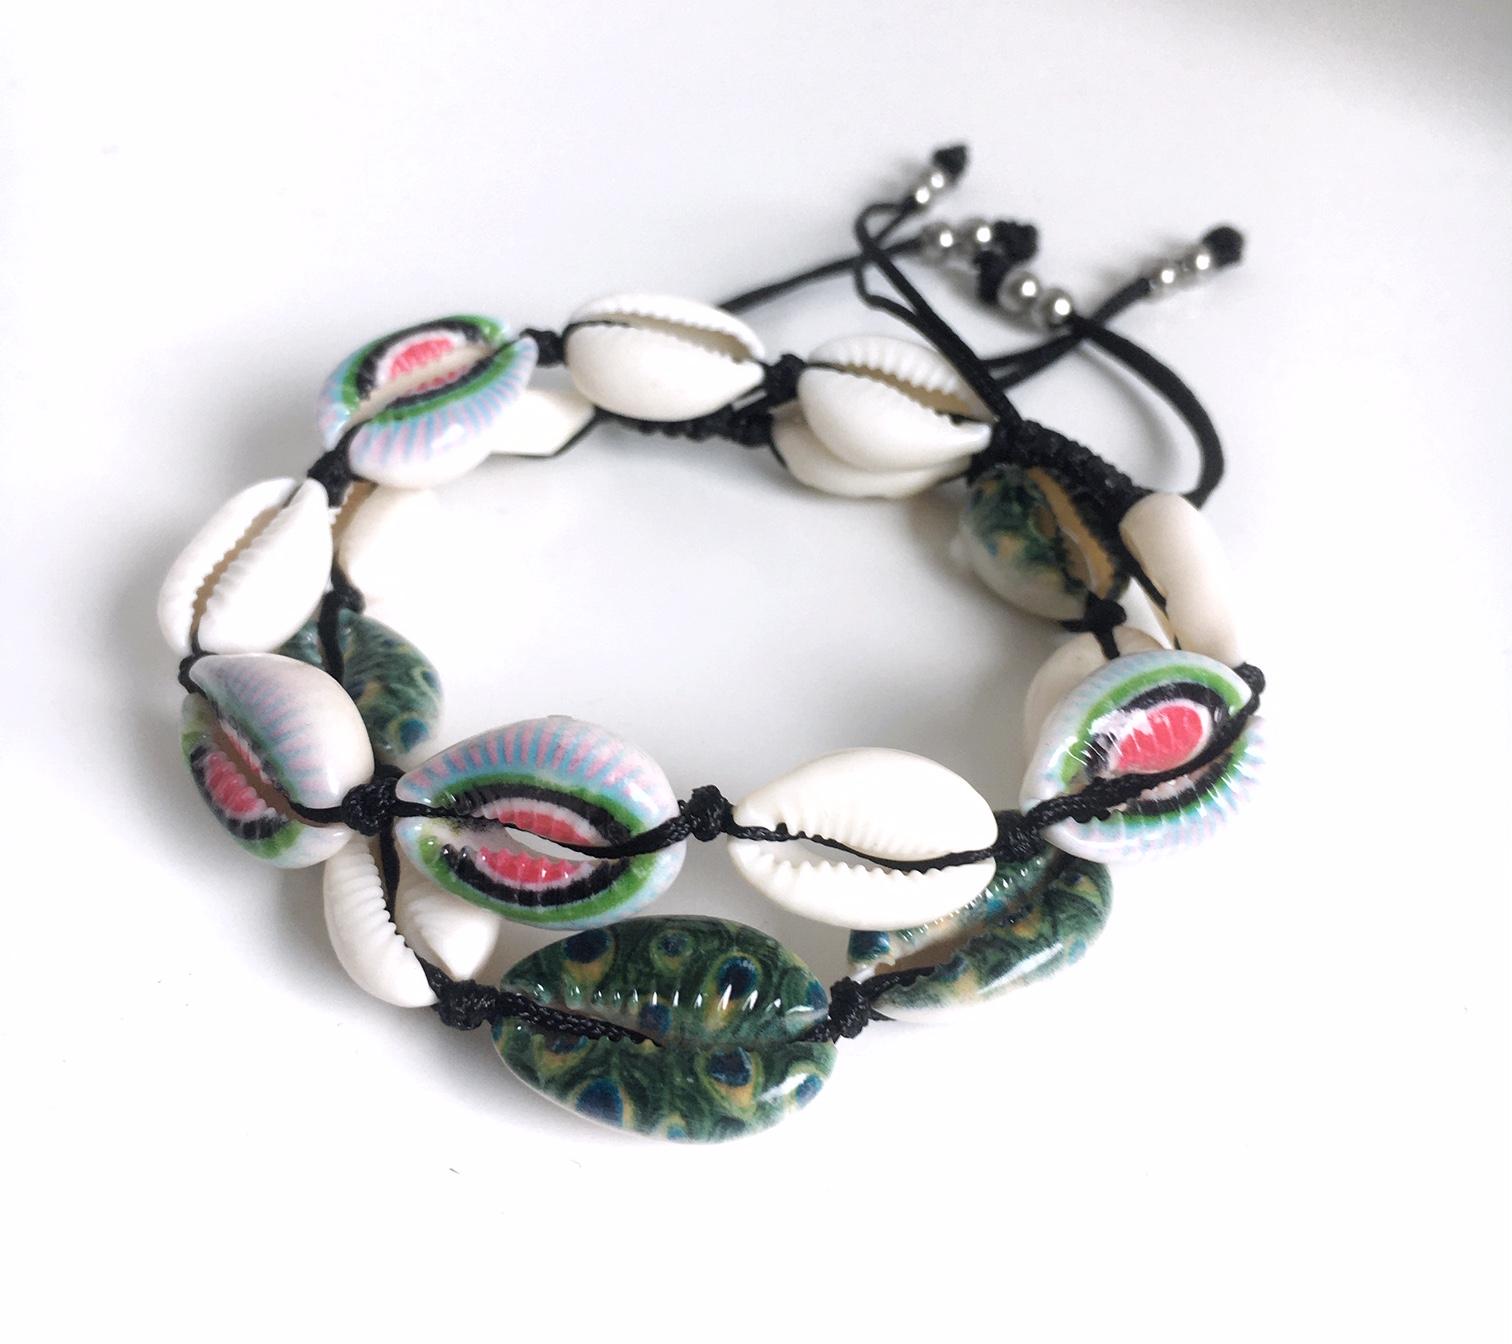 Snäckarmband med färg_3_MIX_grönt